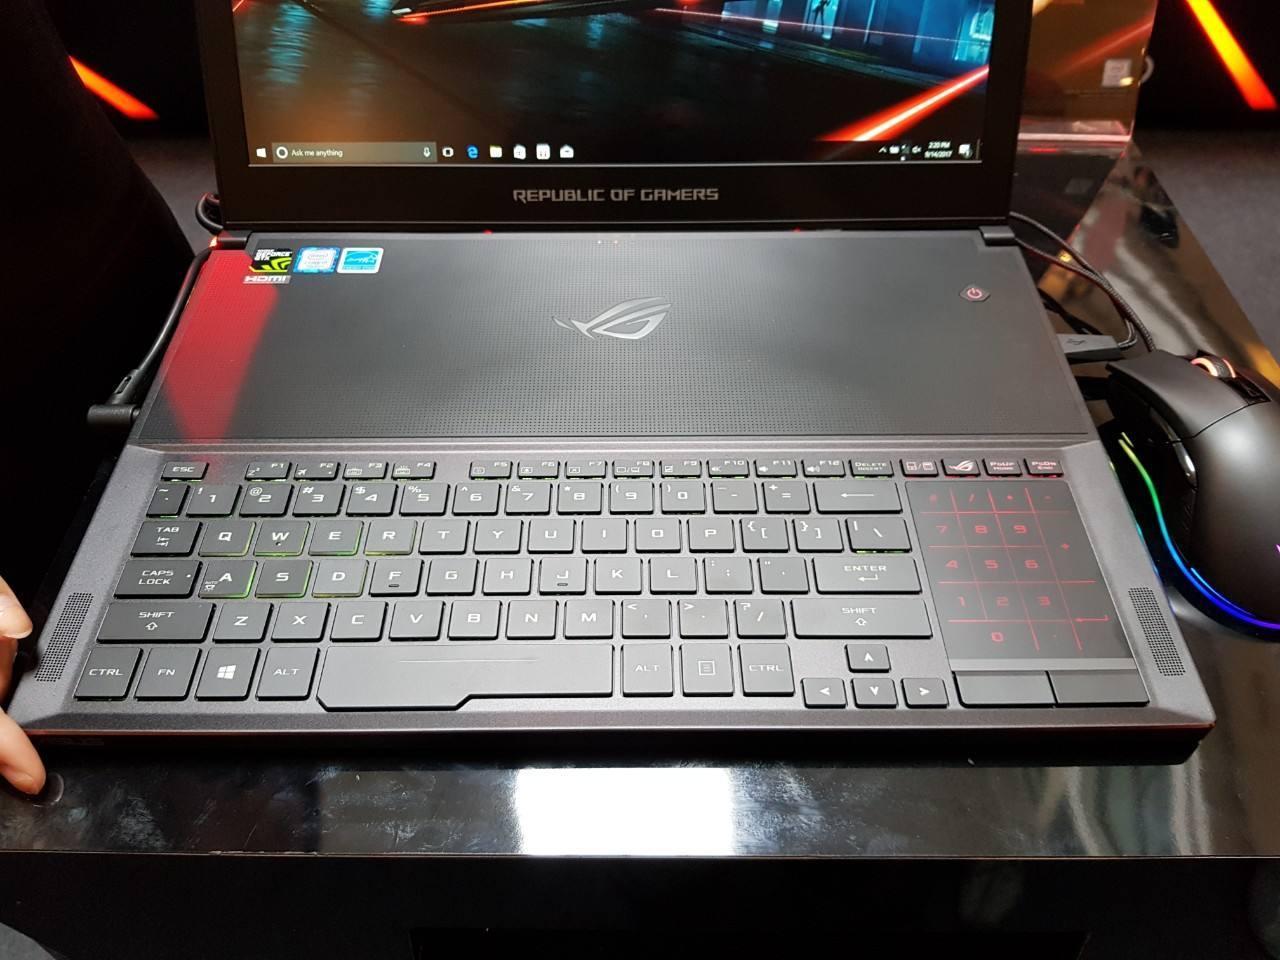 冰刃系列ROG Zephyrus S GX531竞技笔记本